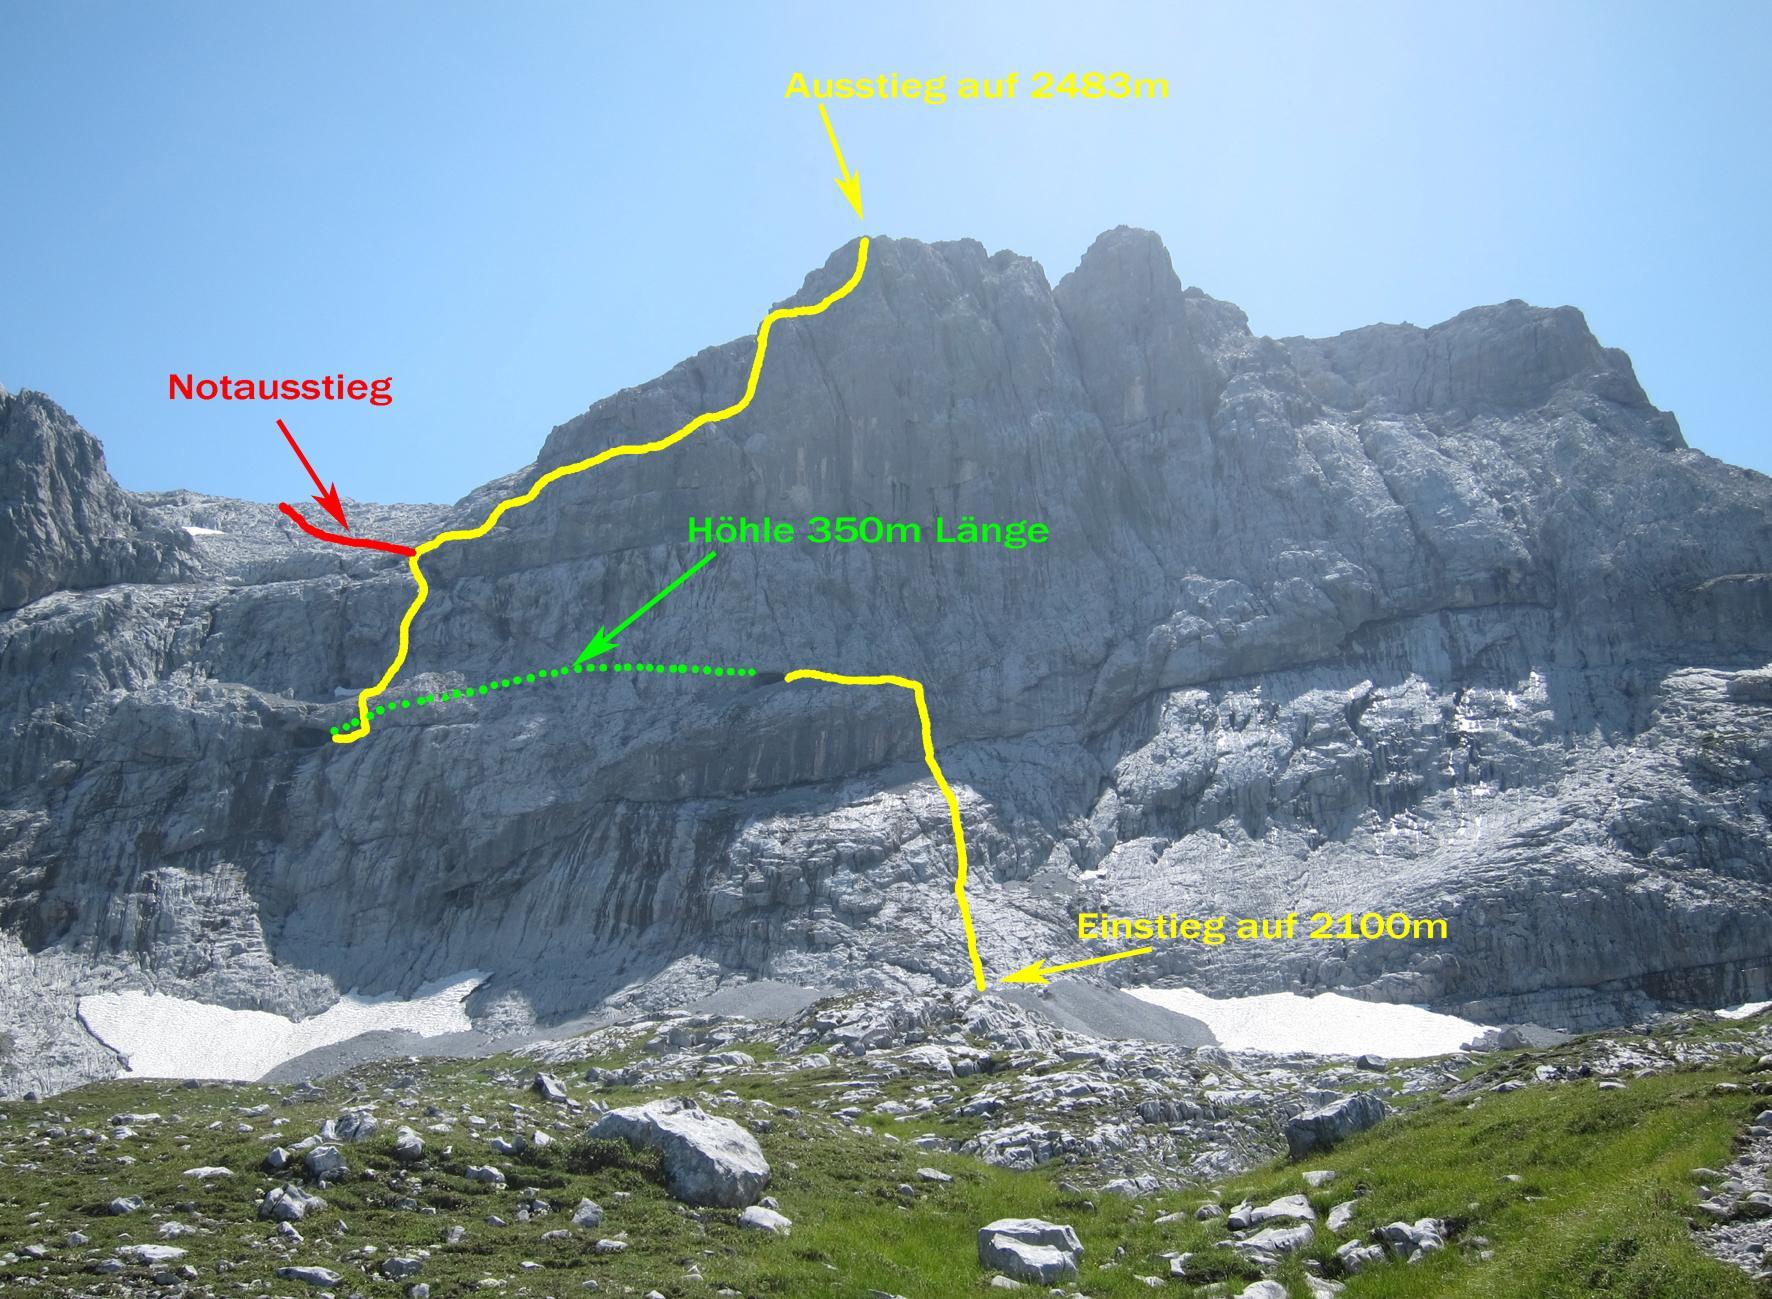 Klettersteig Vorarlberg : Ausstieg klettersteig gauablick urlaub in vorarlberg